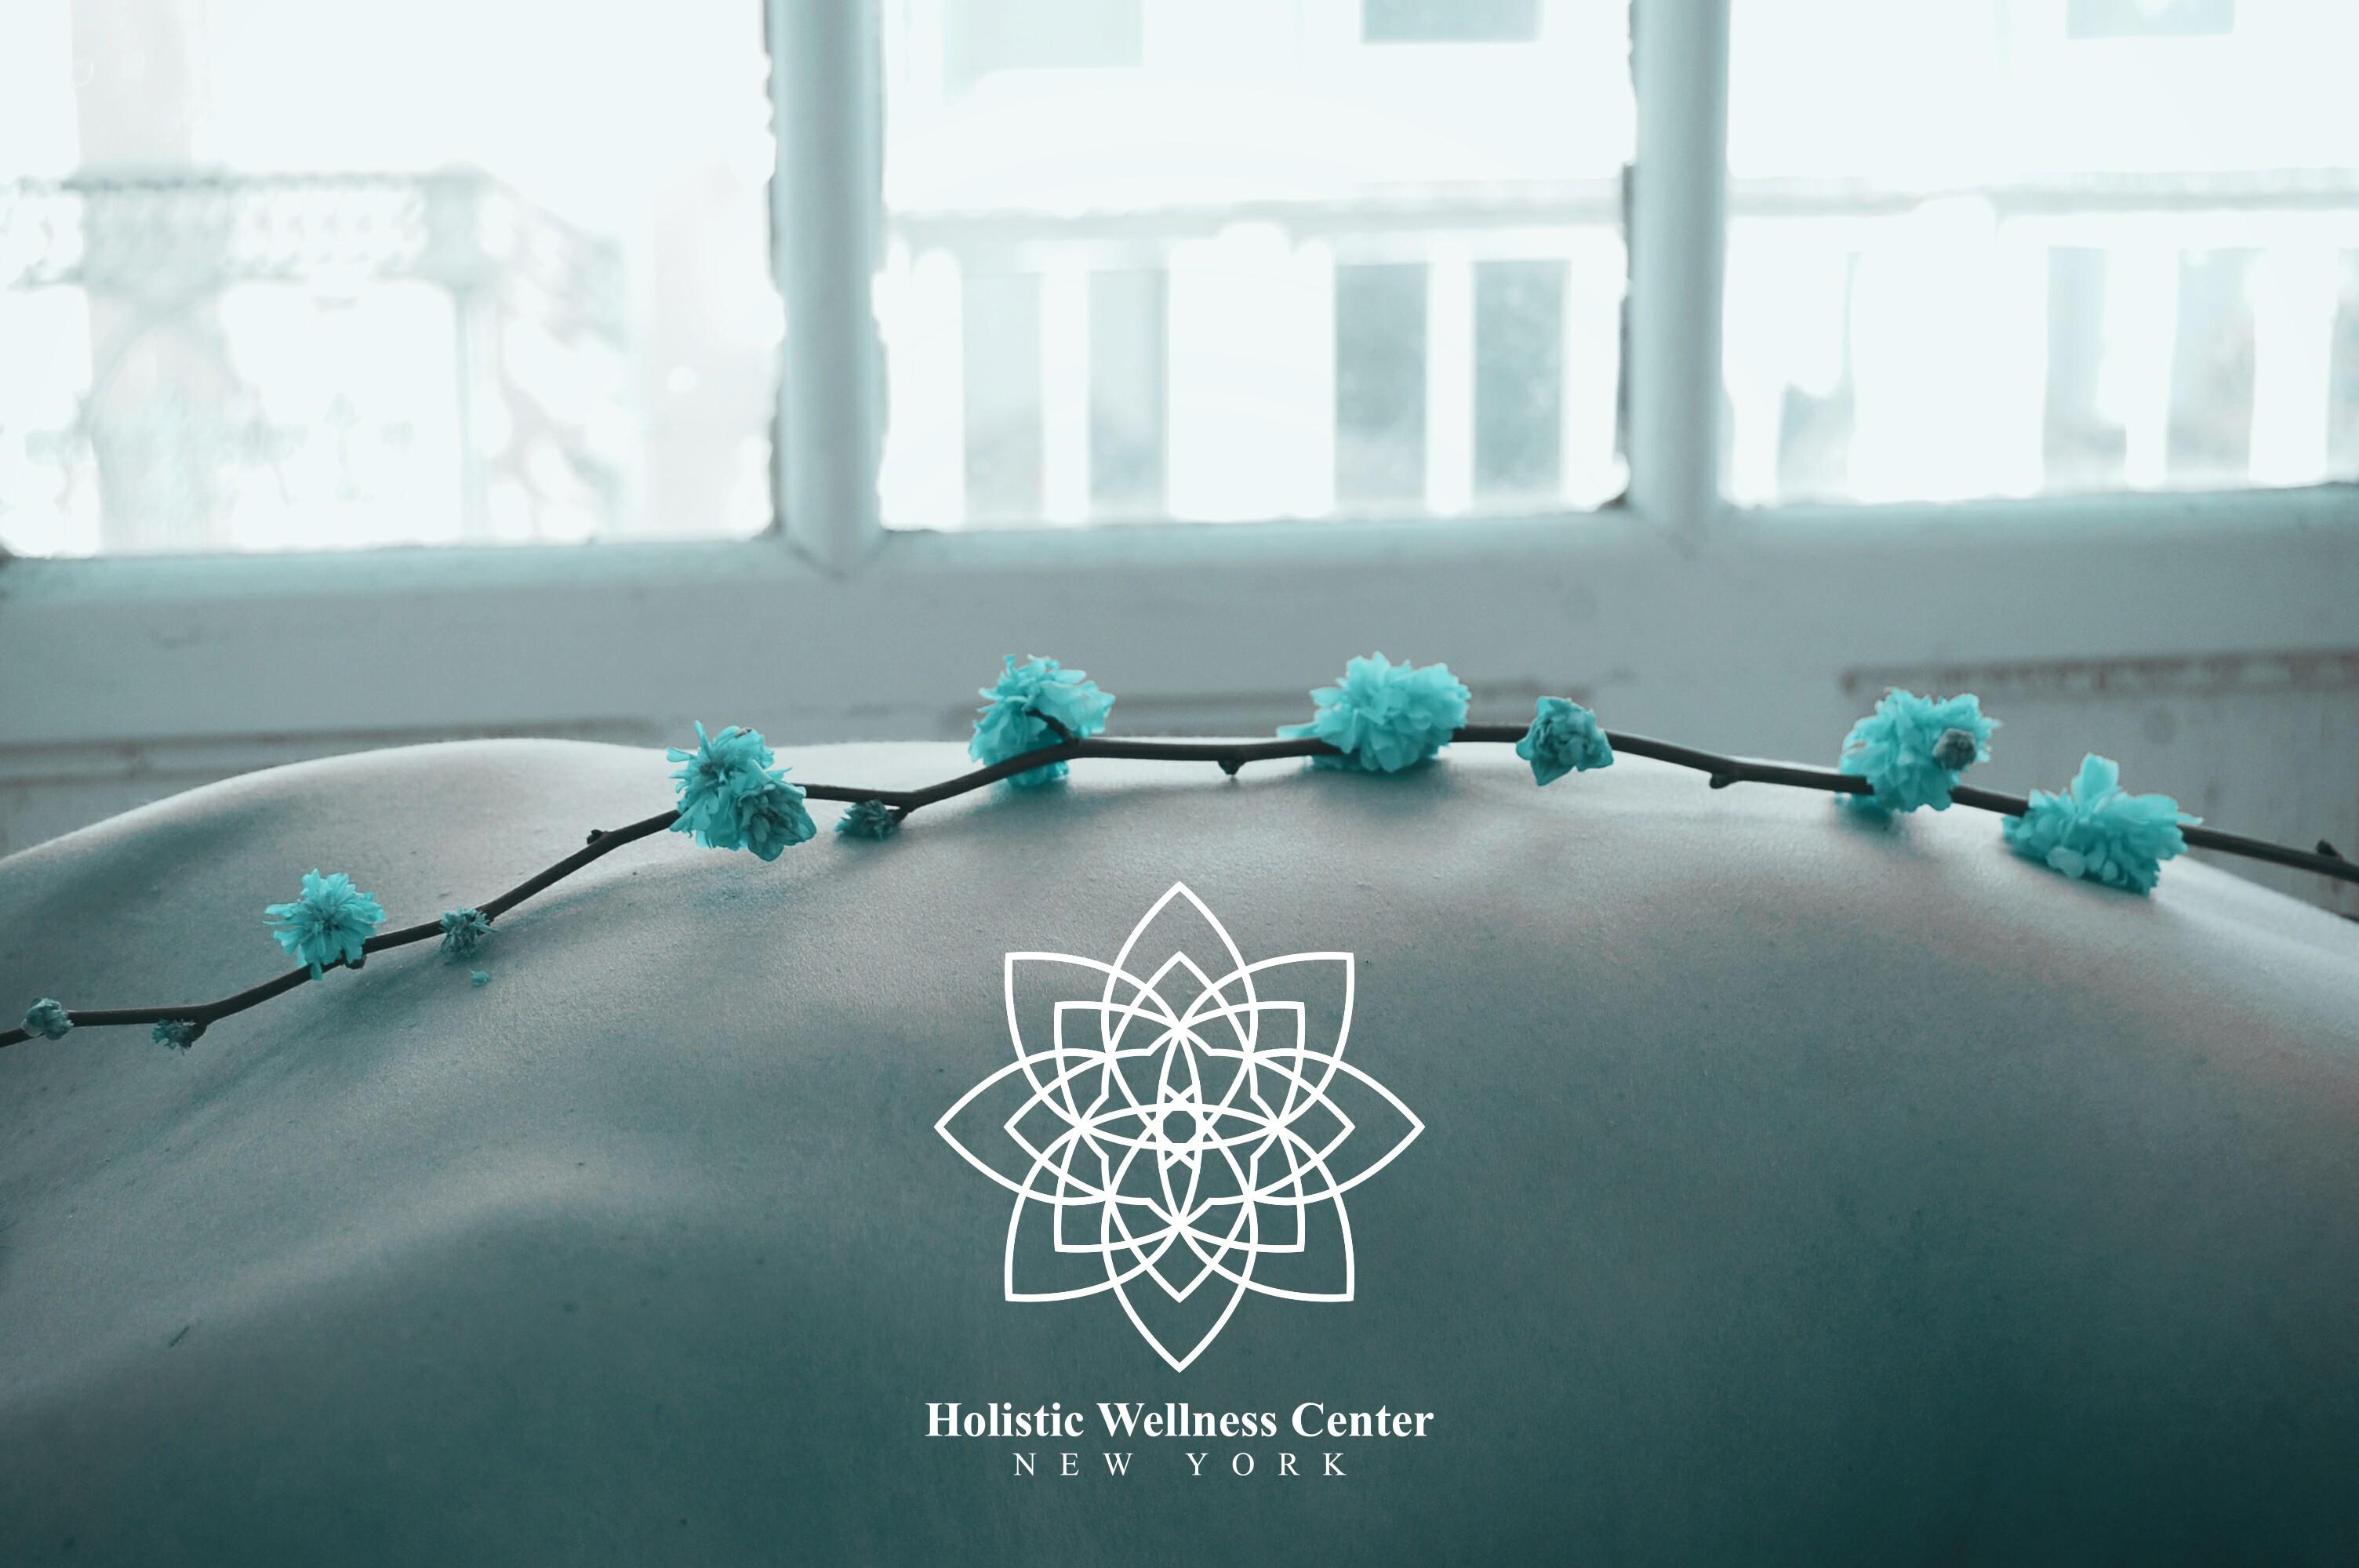 Holistic Wellness Center New York